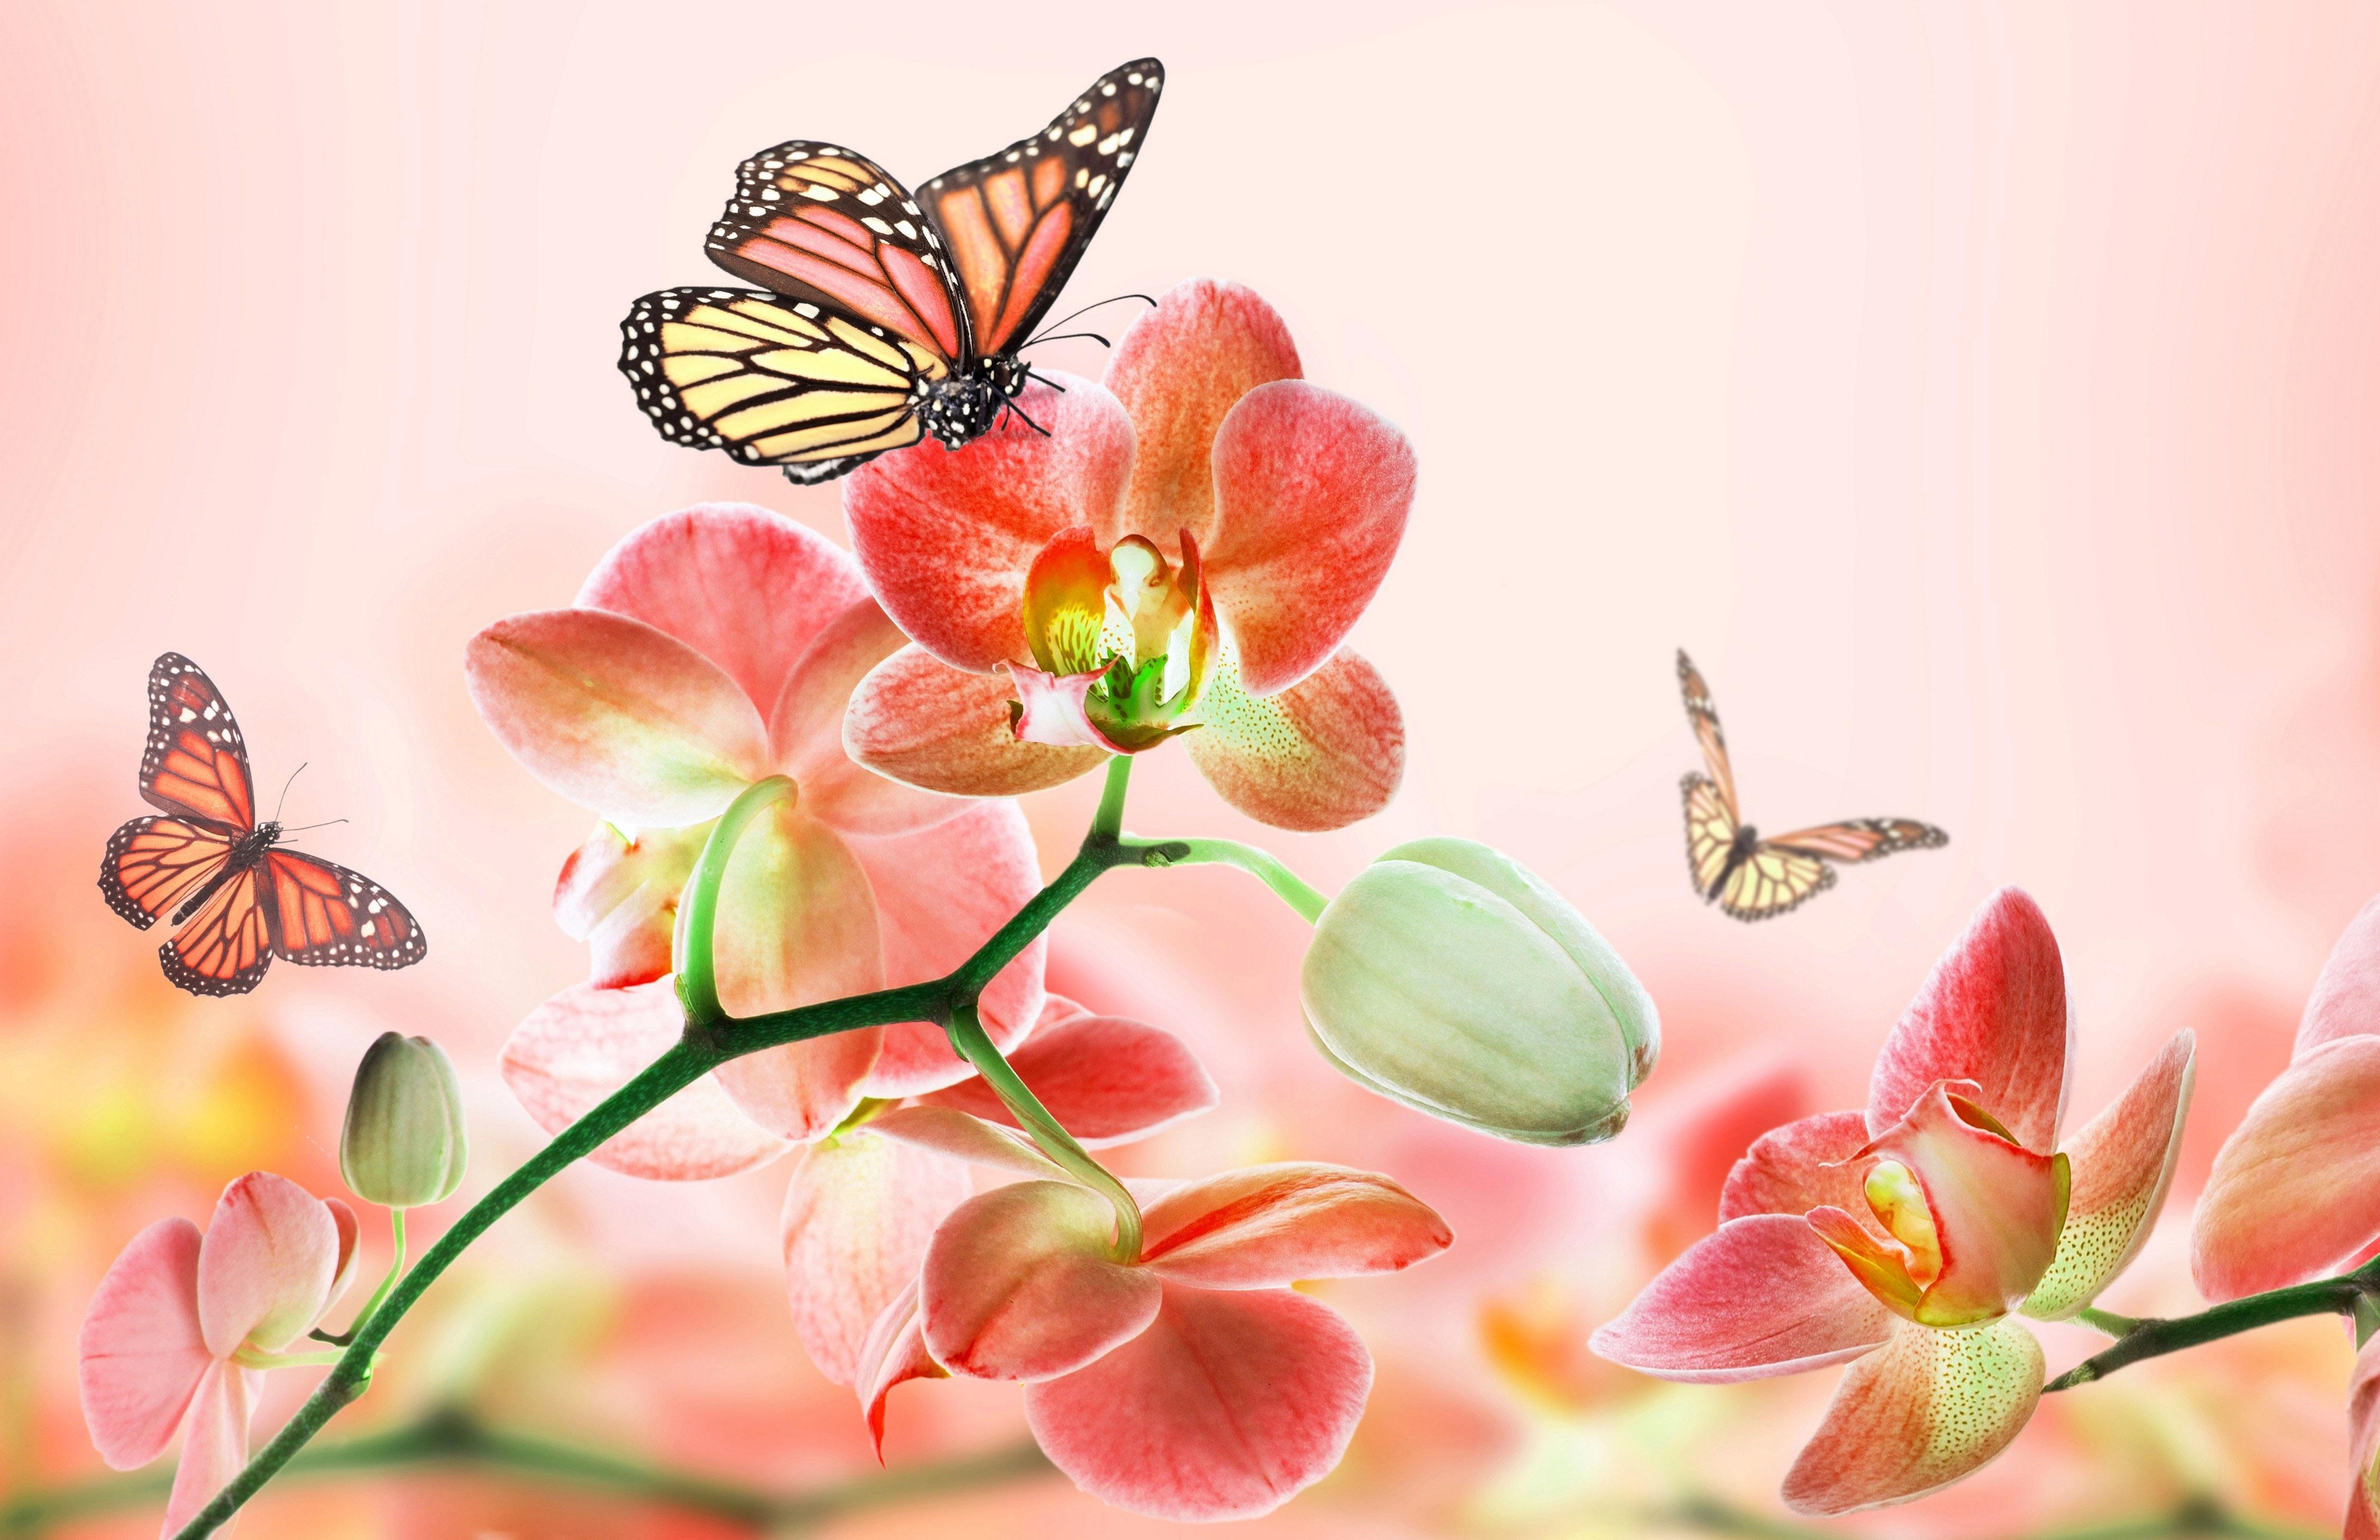 бабочки из лепестков  № 2303896 загрузить